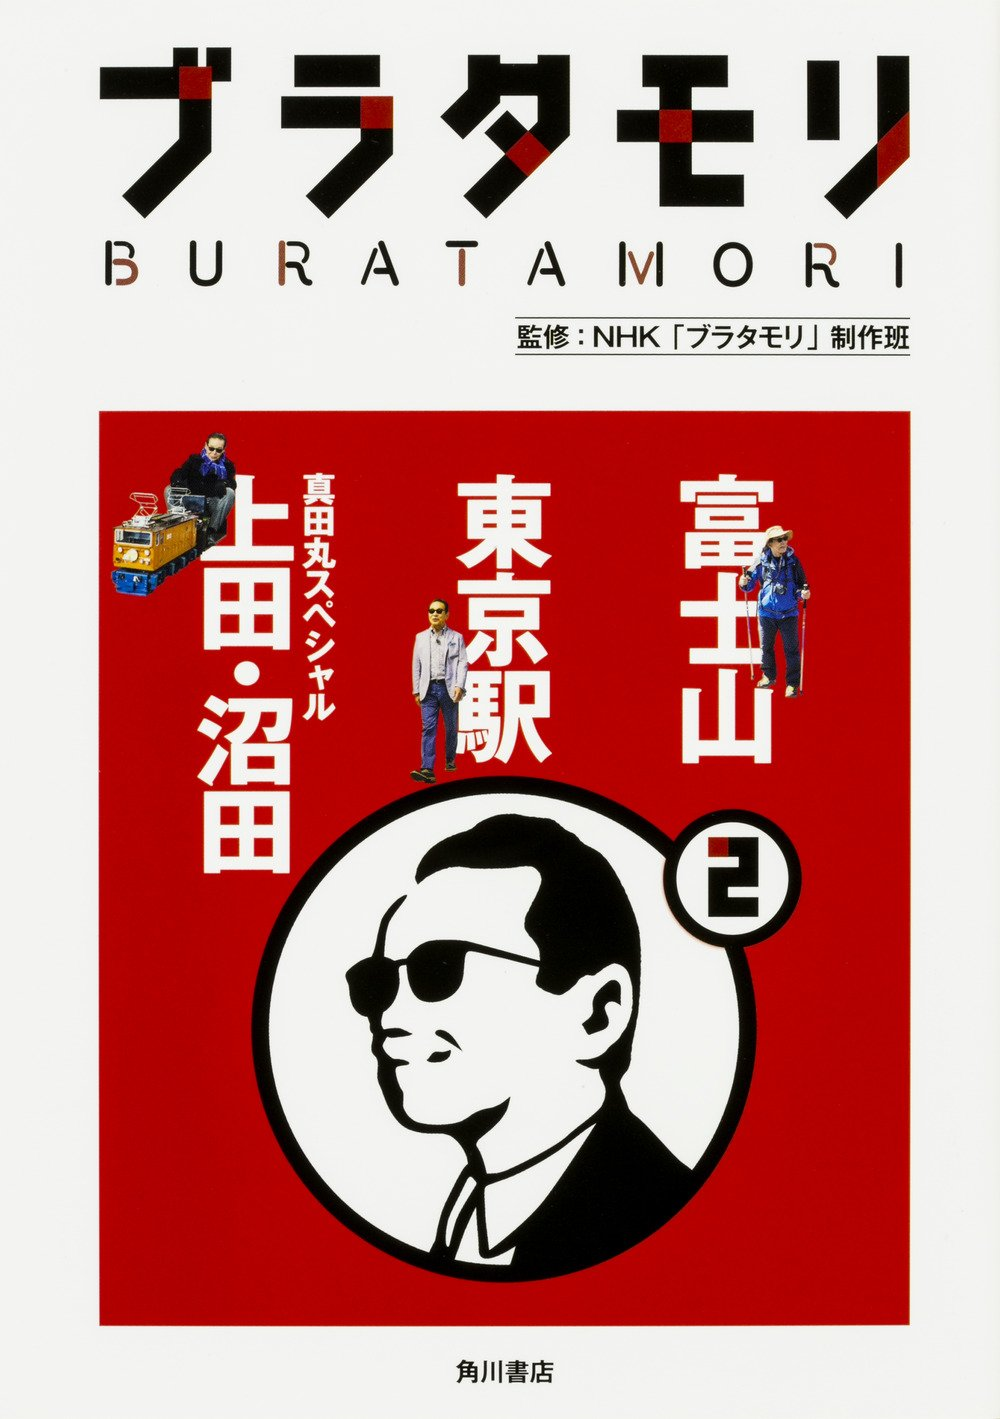 【書籍】ブラタモリ セット 2巻